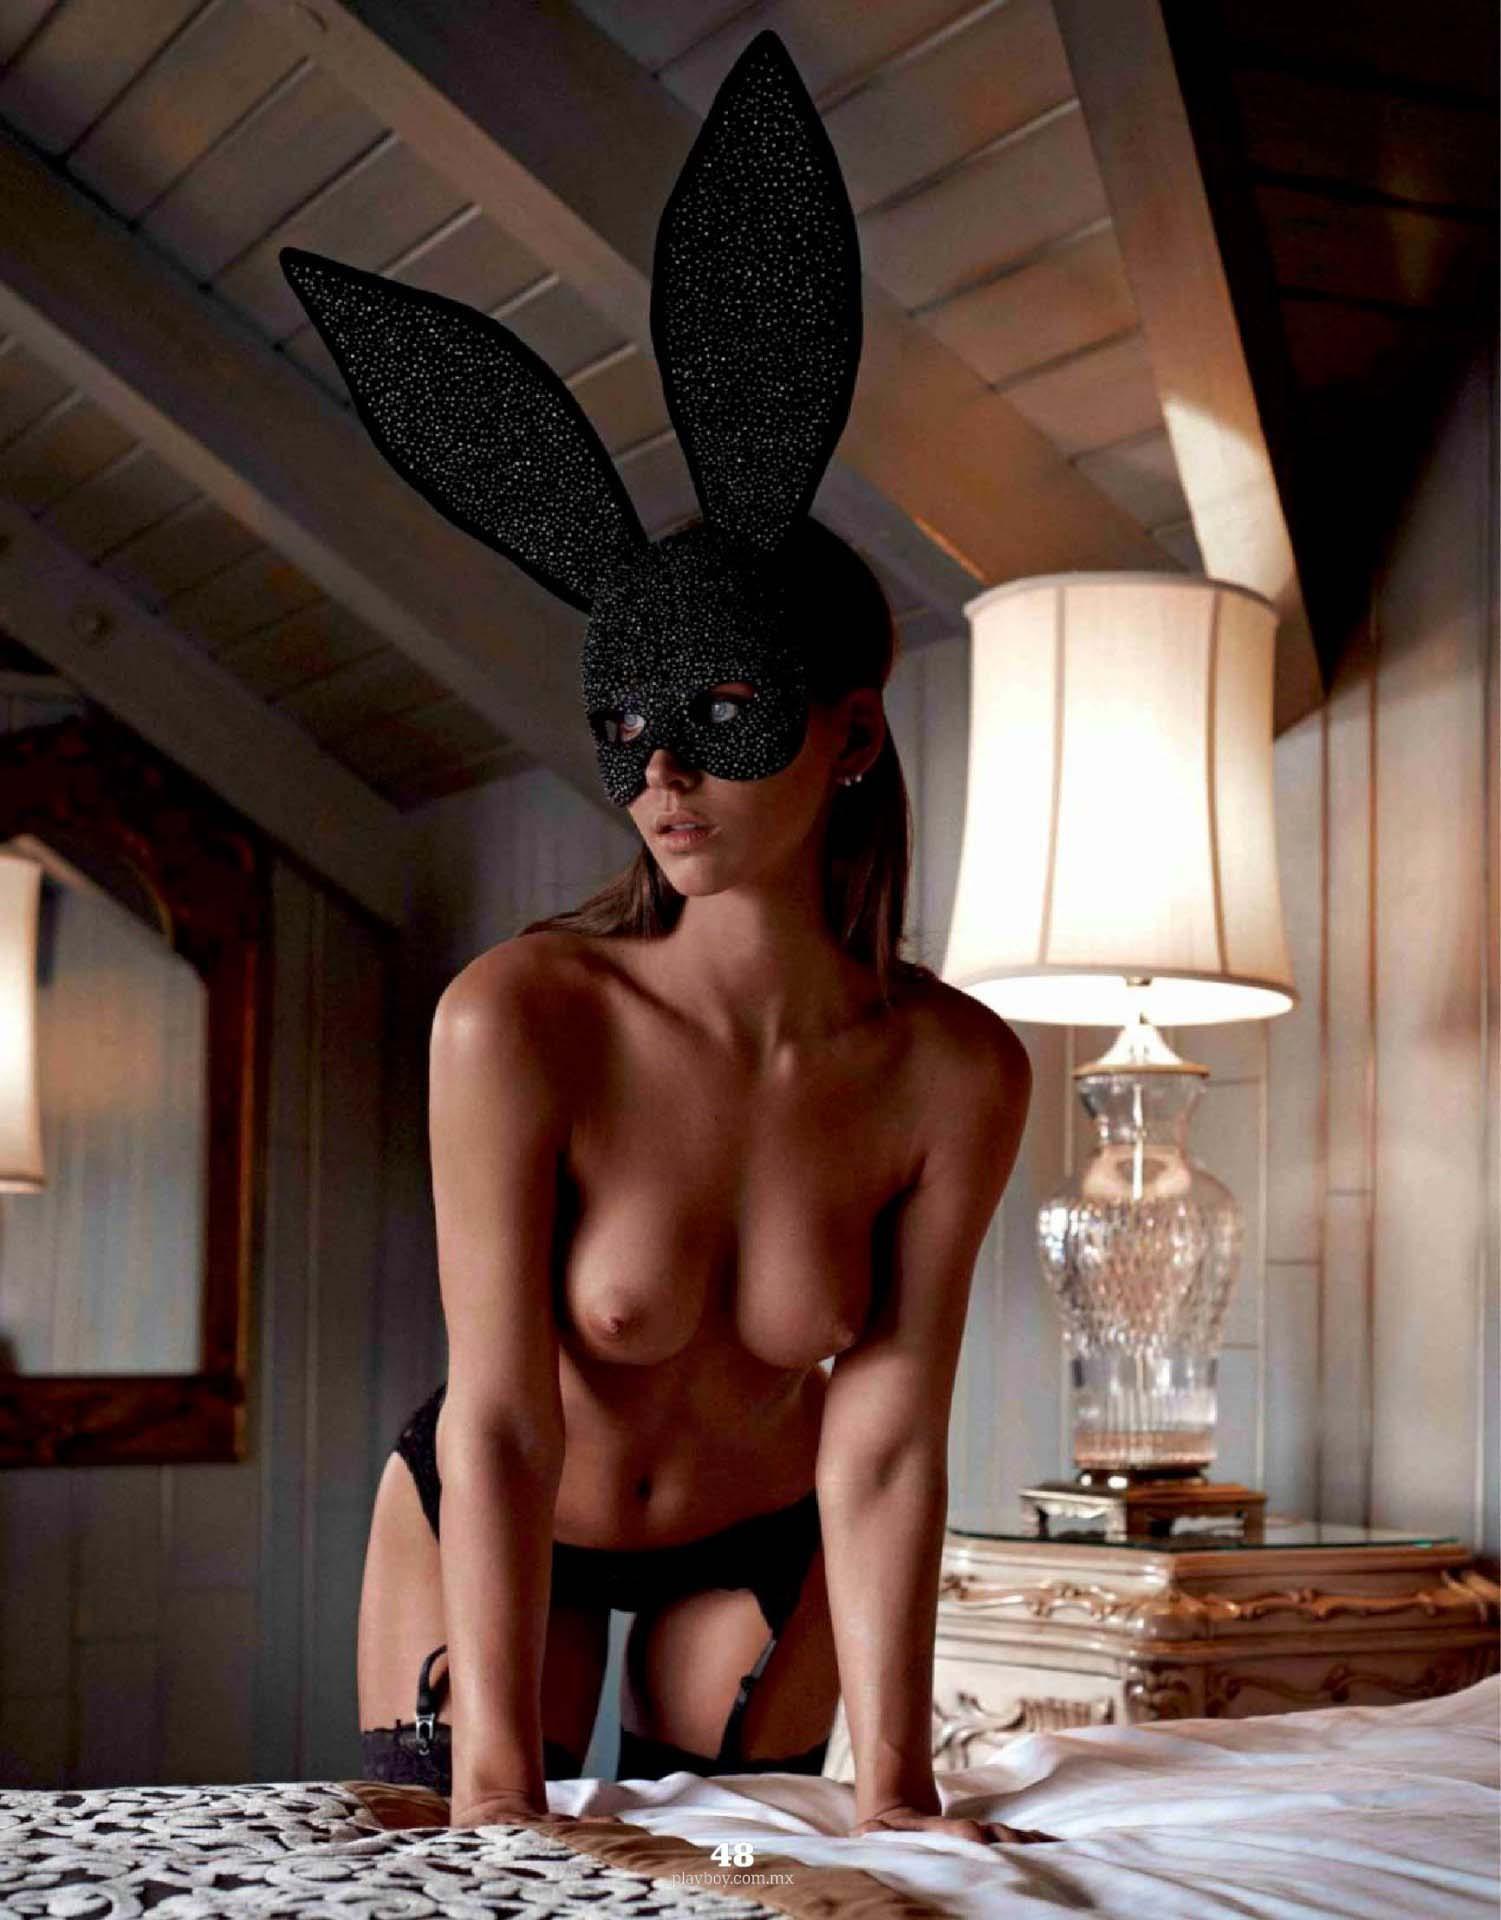 couch/uploads/image/artikkler/2019/tilfeldige31/Rachel-Cook-Naked-Body-3.jpg